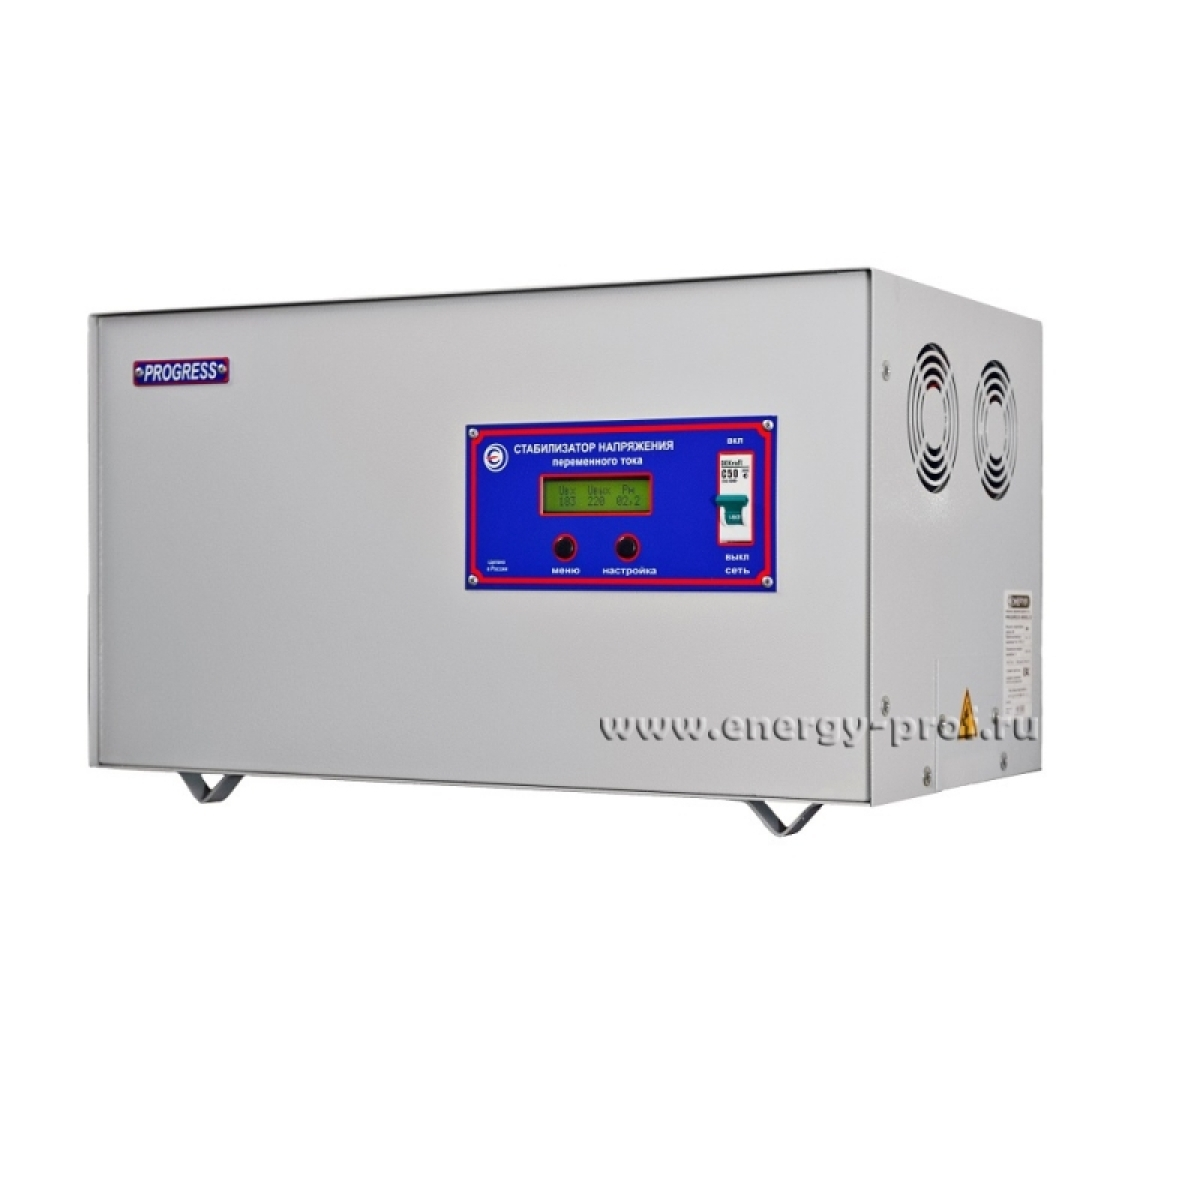 Однофазный стабилизатор PROGRESS 5000T-20